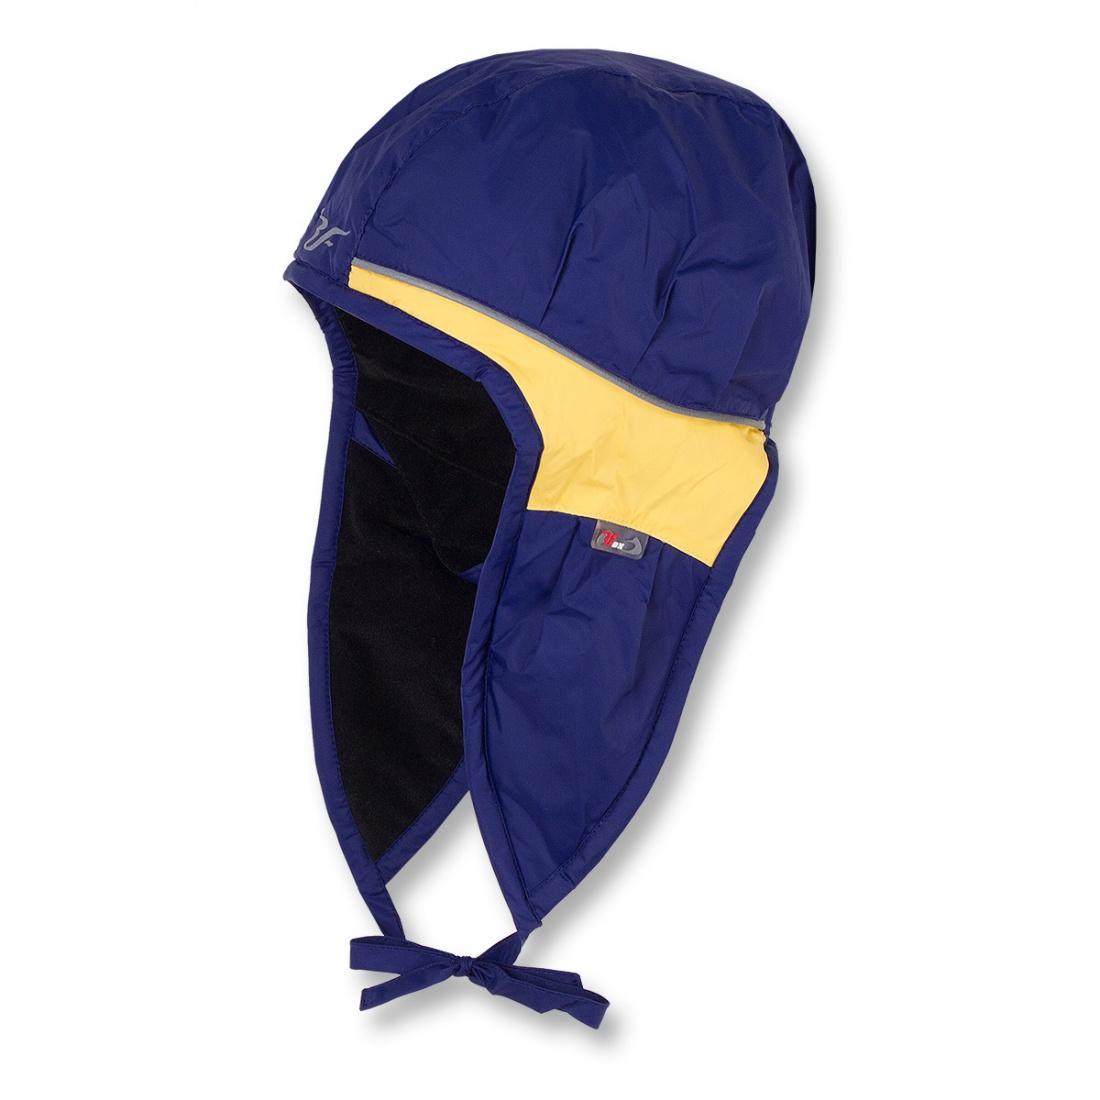 Шапка детская TressУшанки<br><br> Яркая контрастная шапочка прекрасно выделяет ребенка из толпы.<br><br> <br><br><br><br> Основной материал – Dry Factor 1000.<br><br> <br><br><br> Утеп...<br><br>Цвет: Синий<br>Размер: XL